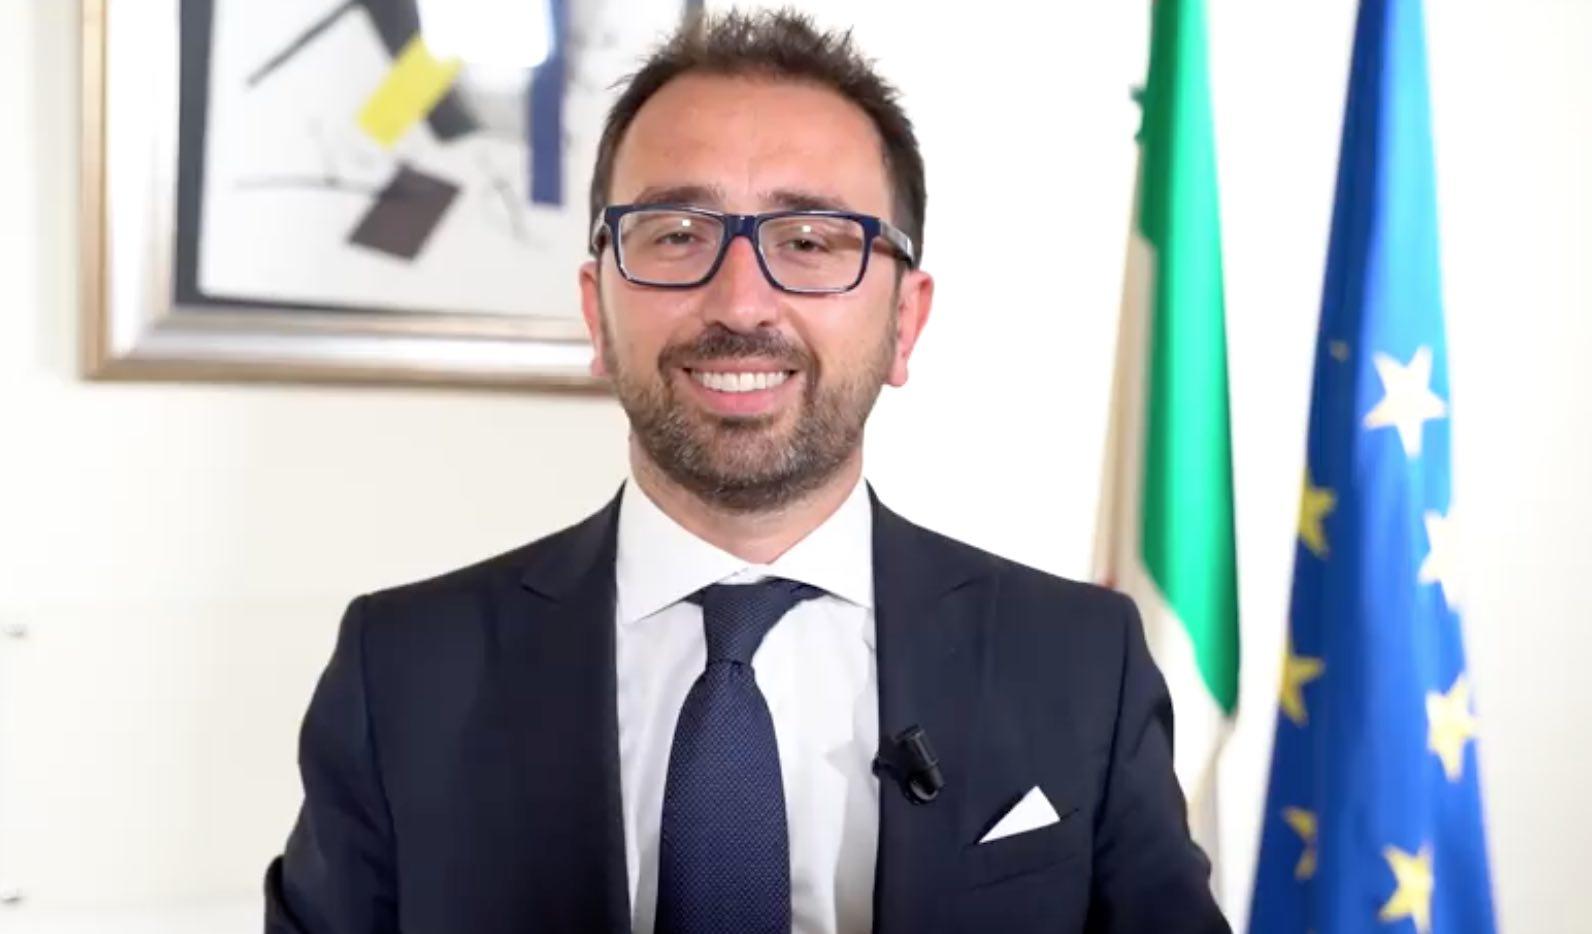 Tribunali soppressi, il ministro Bonafede snobba l'assessore regionale Grasso